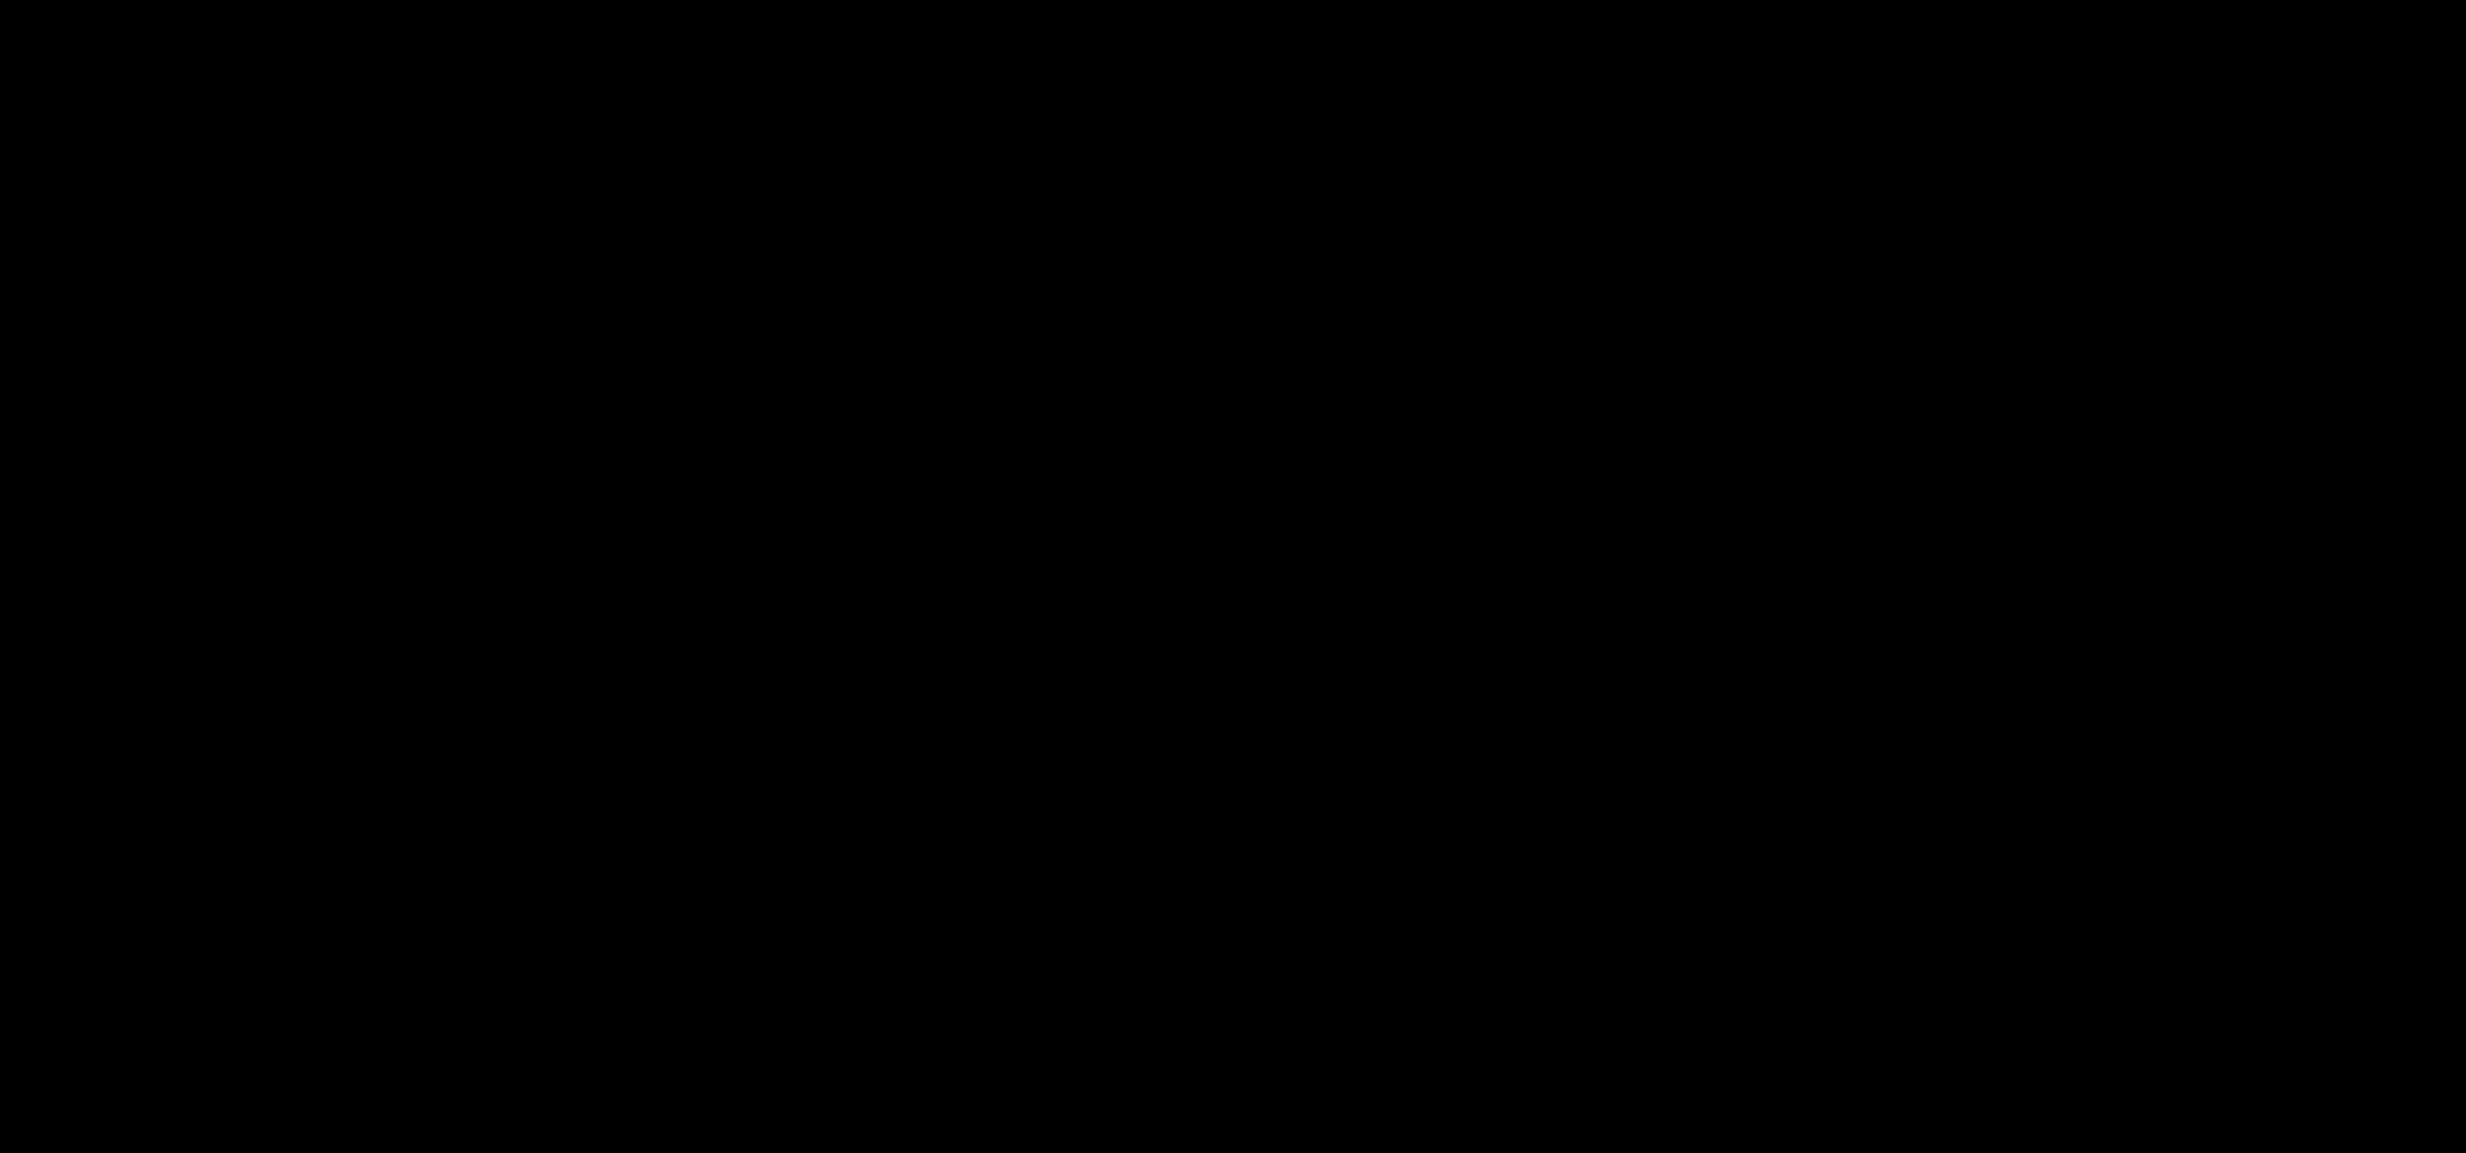 Logo Sort Toyota Bøgh Hafsø 2021